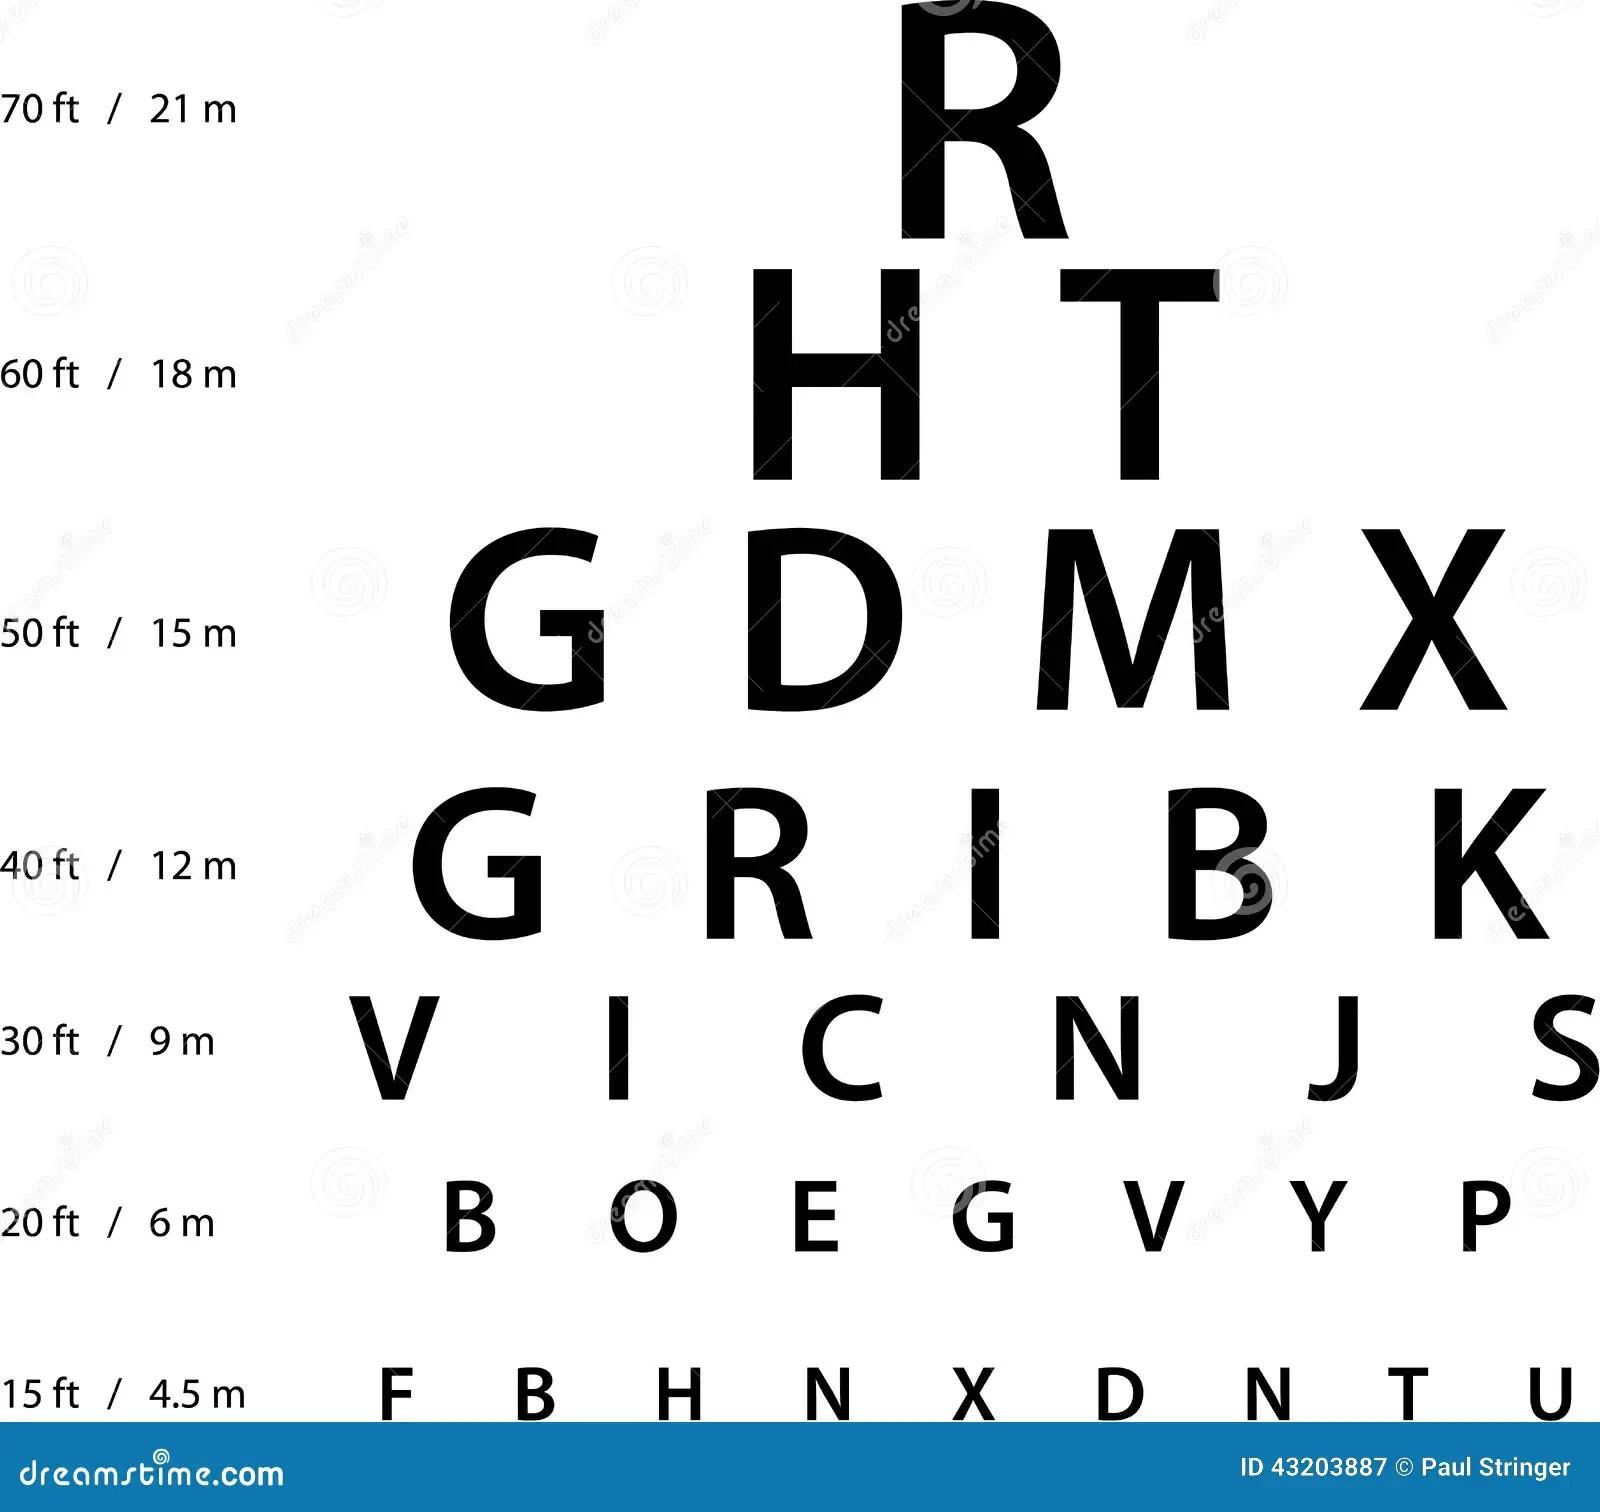 Eye test chart printable dmv eye test chart printable nvjuhfo Image collections